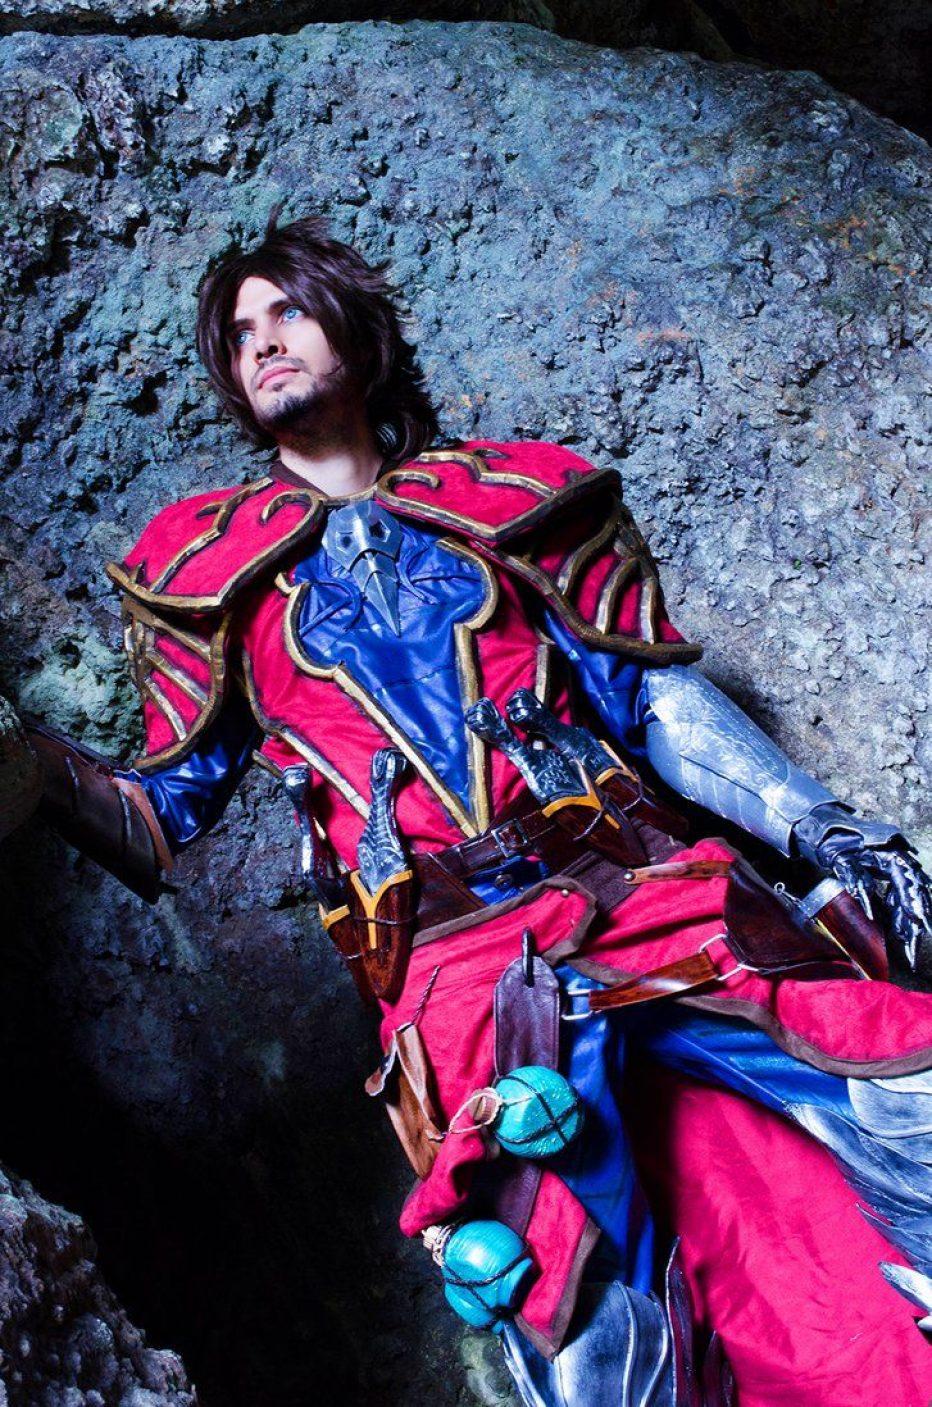 Castlevania-Gabriel-Belmont-Cosplay-Gamers-Heroes-8.jpg